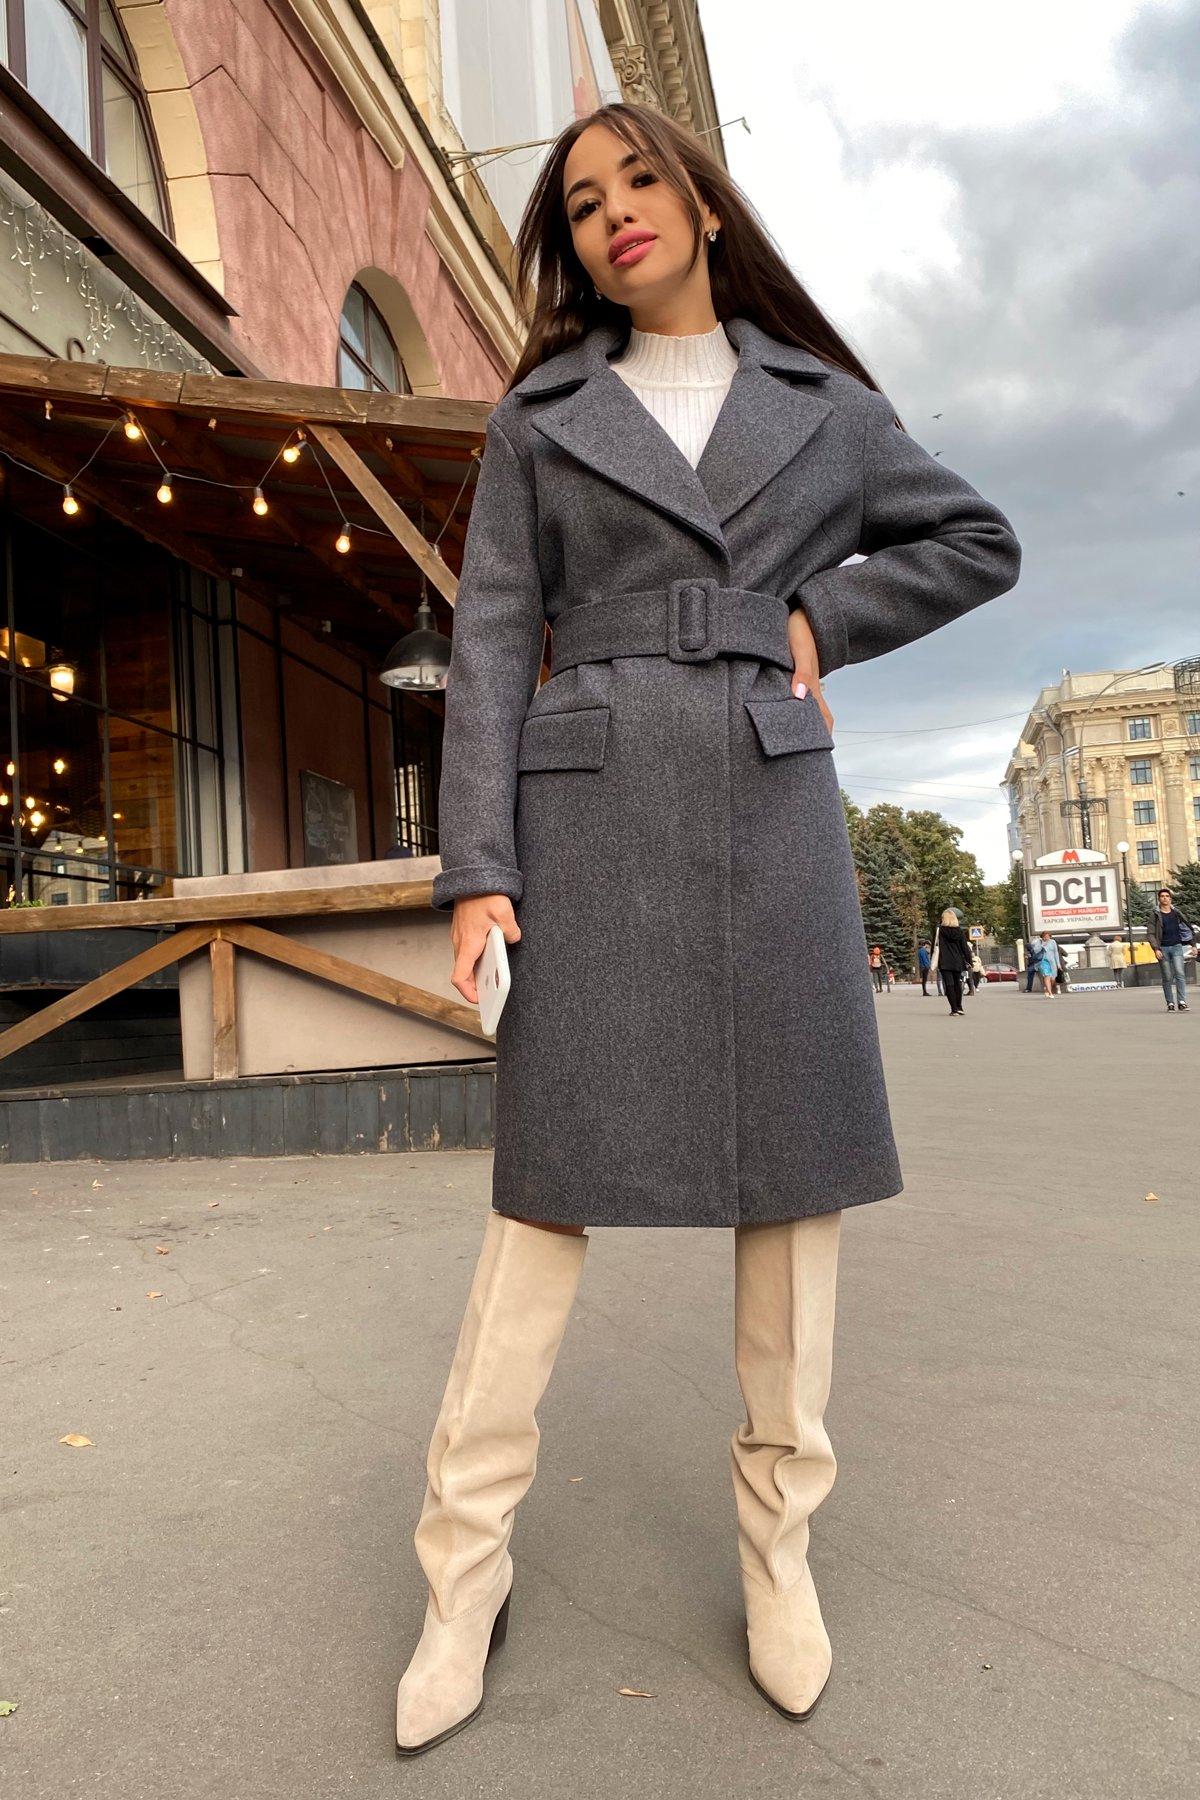 Зимнее пальто с отложным воротником Моле 8085 АРТ. 44036 Цвет: Т.синий 543 - фото 3, интернет магазин tm-modus.ru